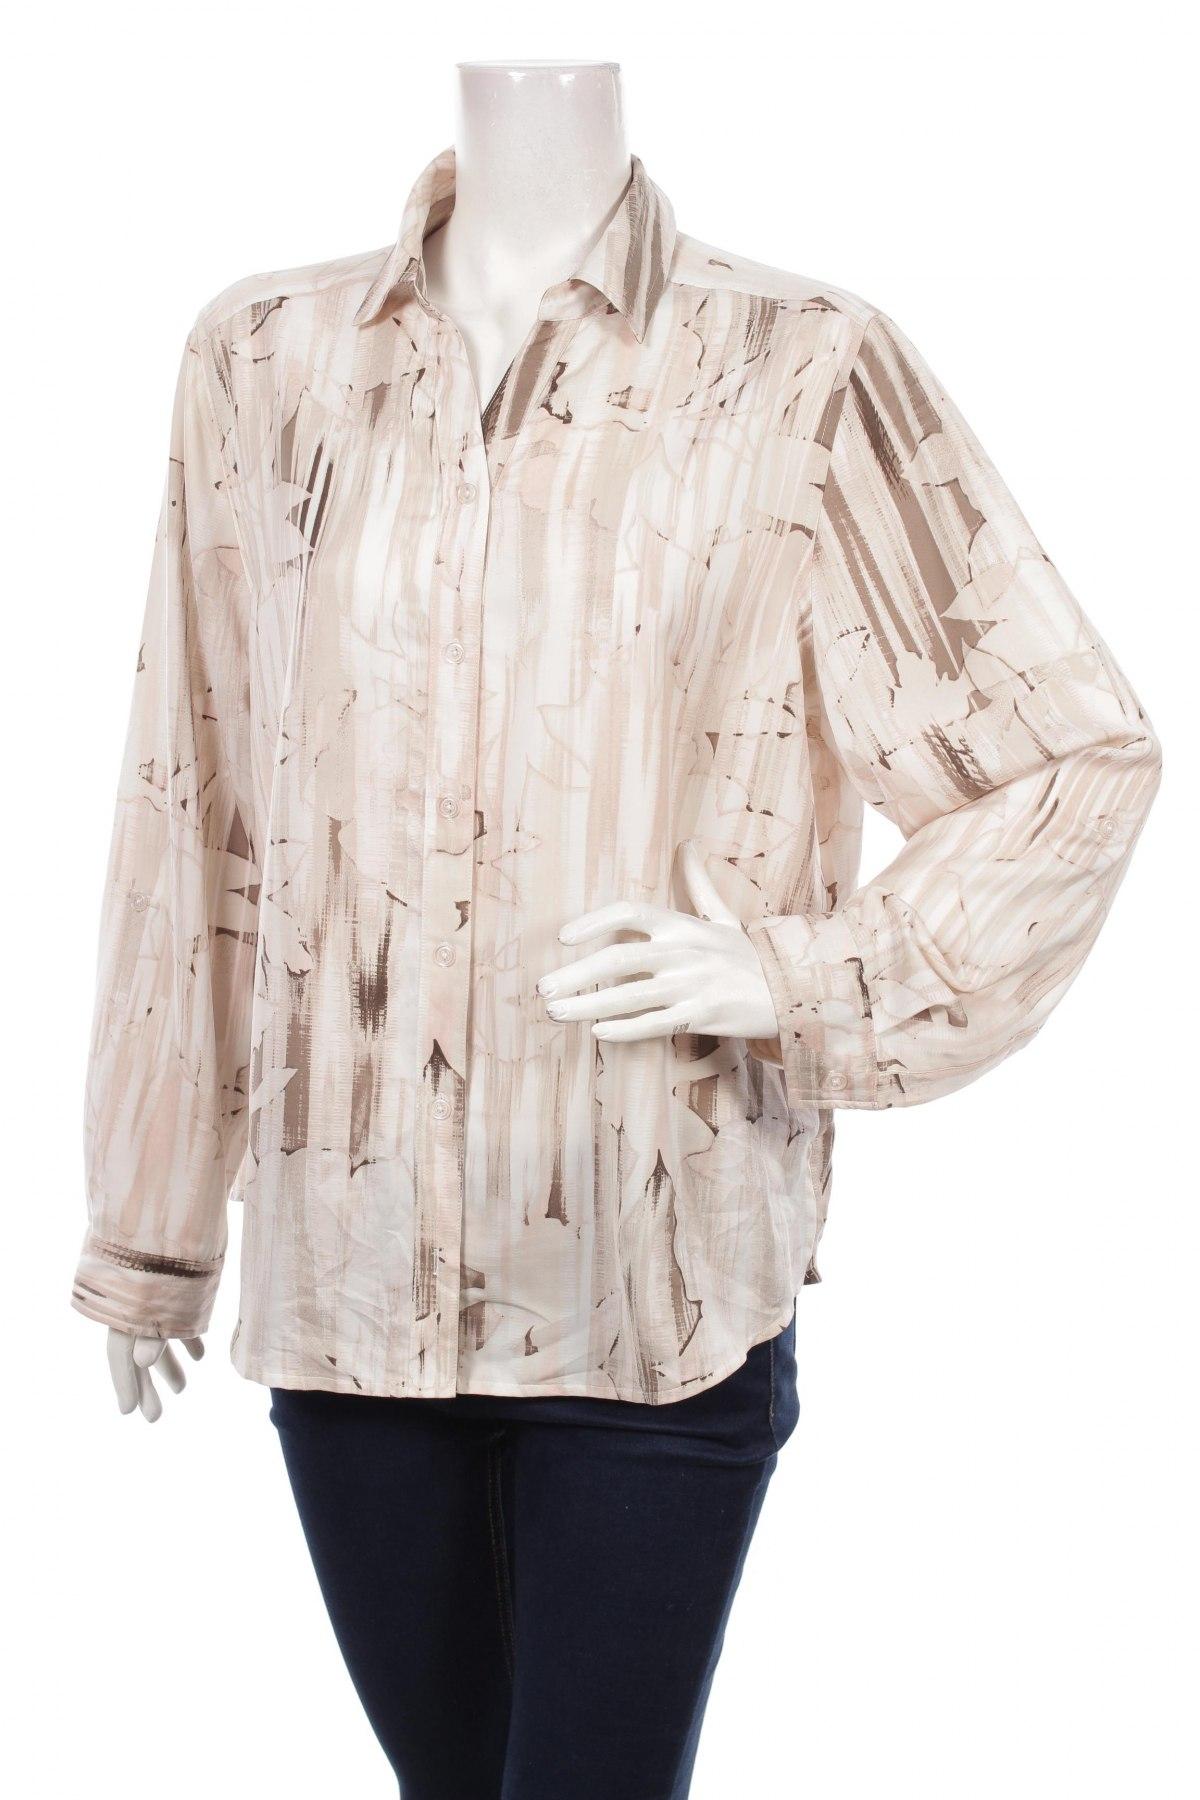 Γυναικείο πουκάμισο Chico's, Μέγεθος XL, Χρώμα Πολύχρωμο, Πολυεστέρας, Τιμή 24,12€